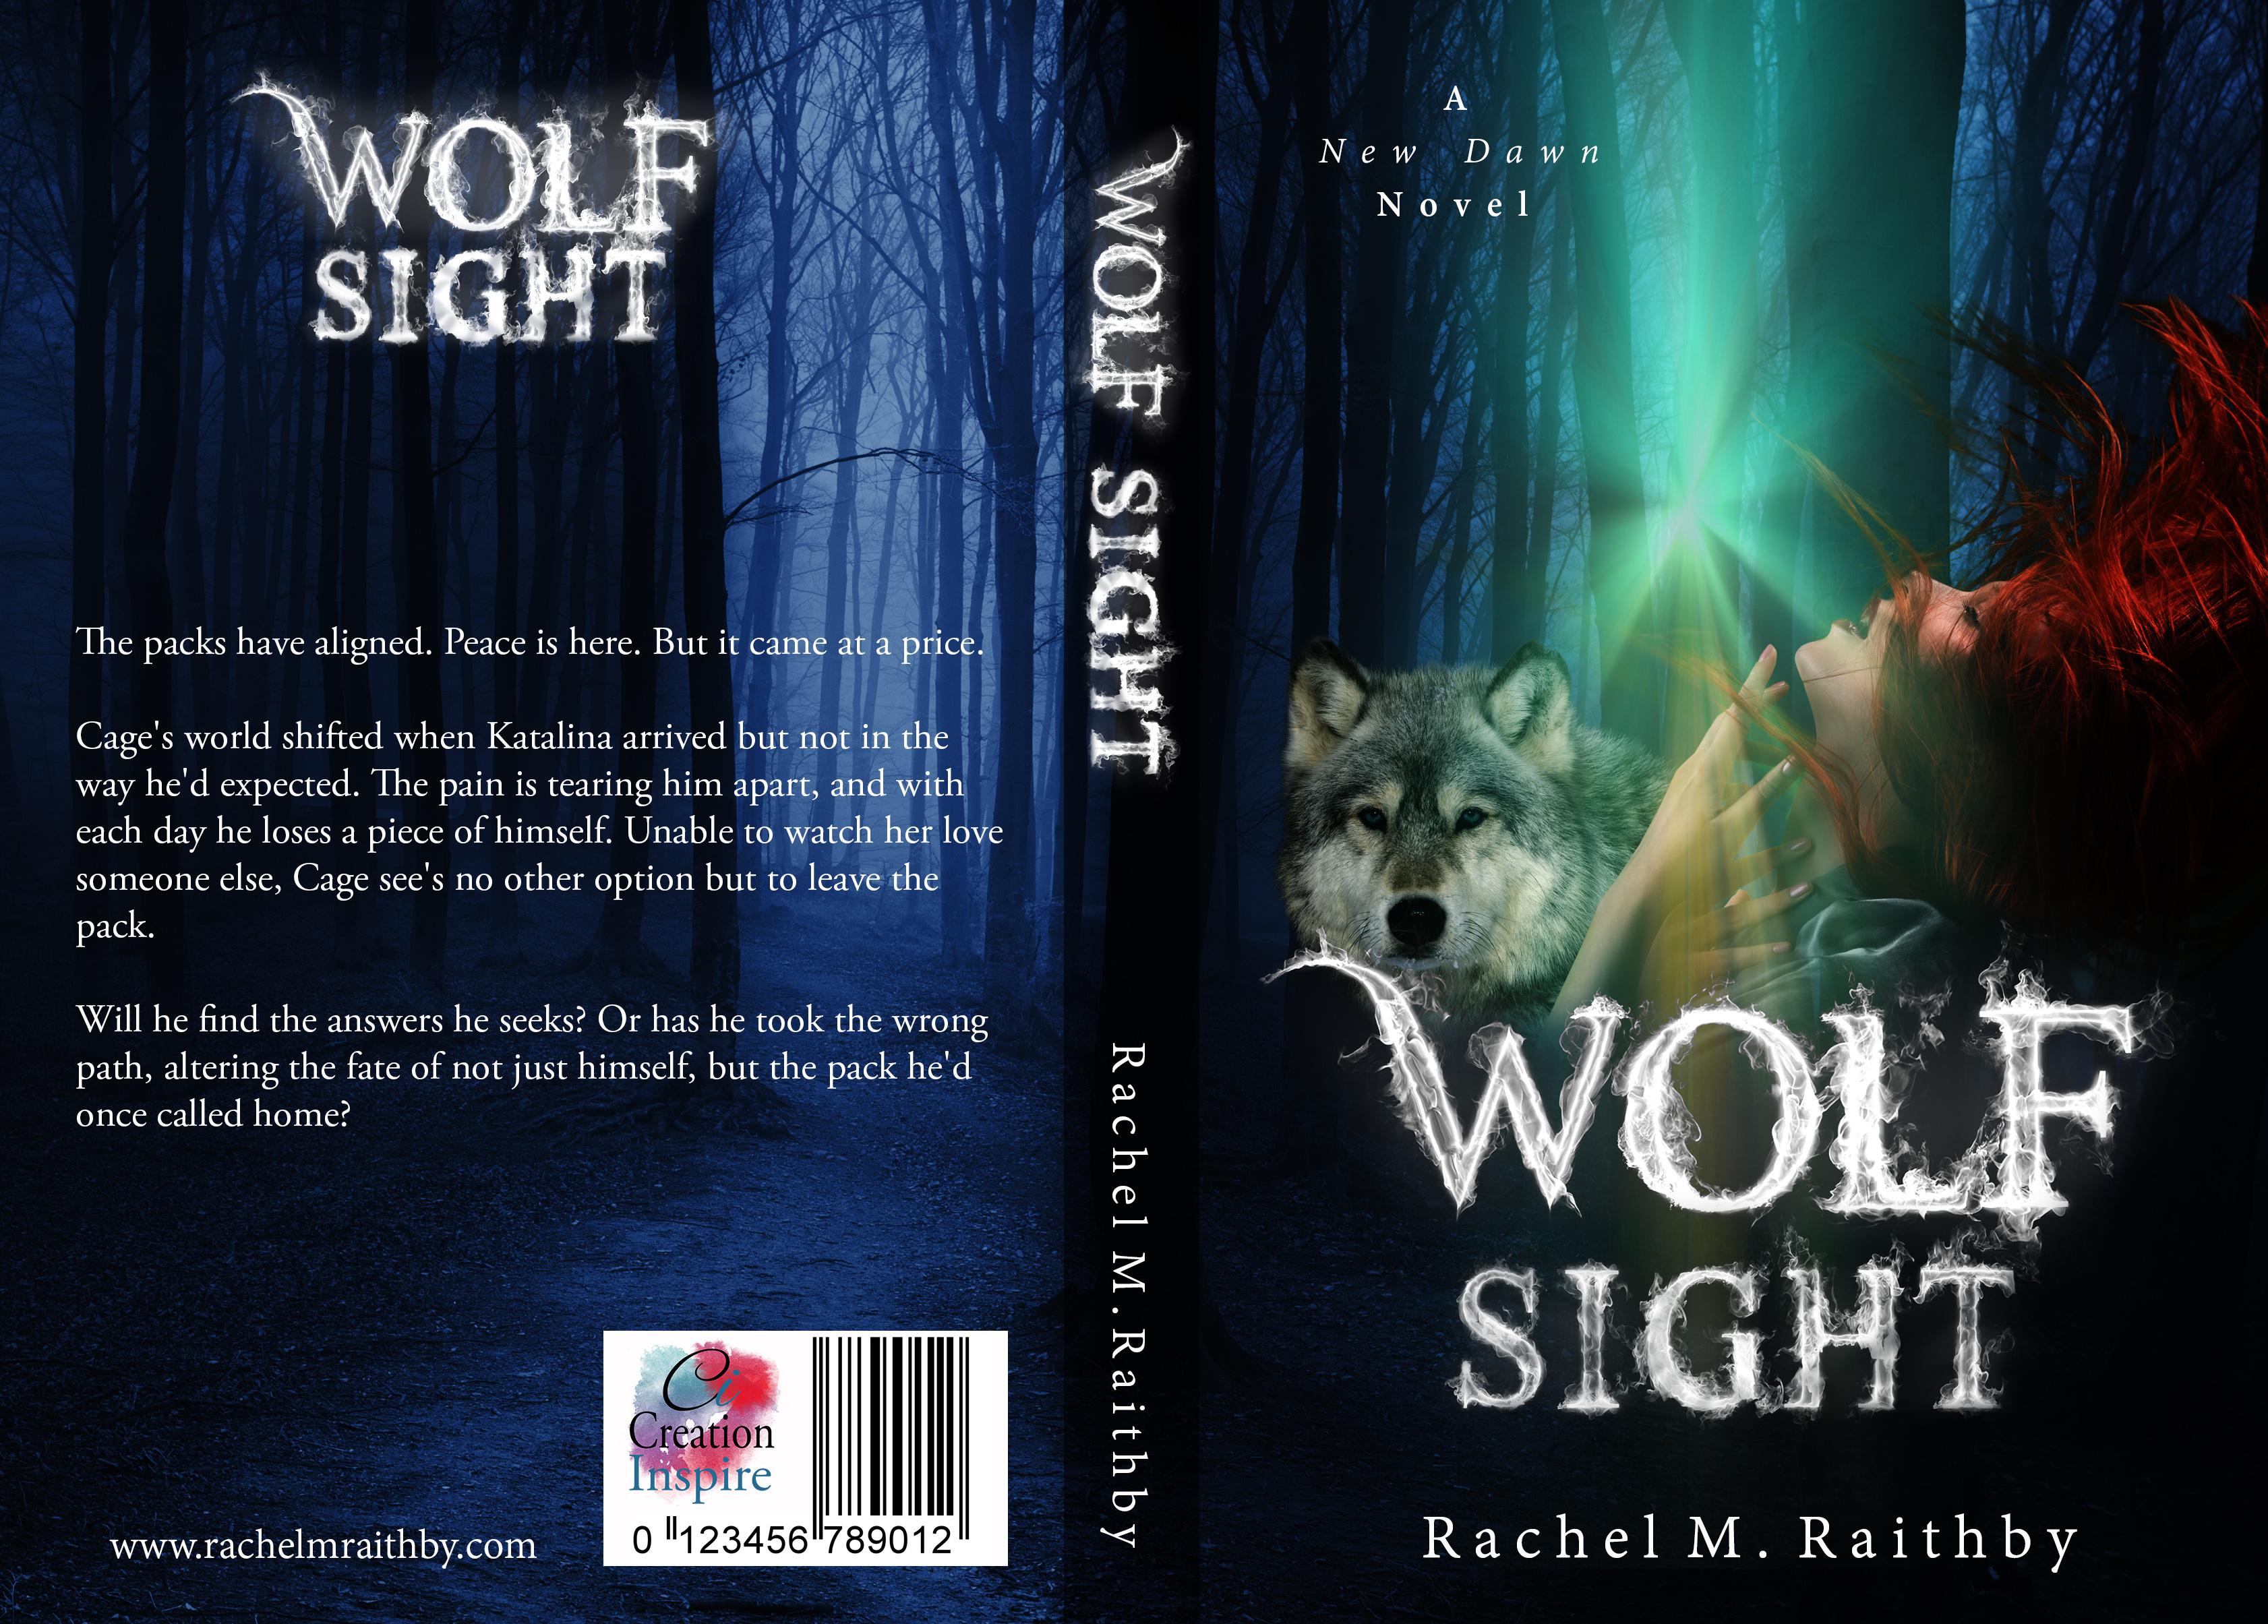 wolfsight-full-jacket